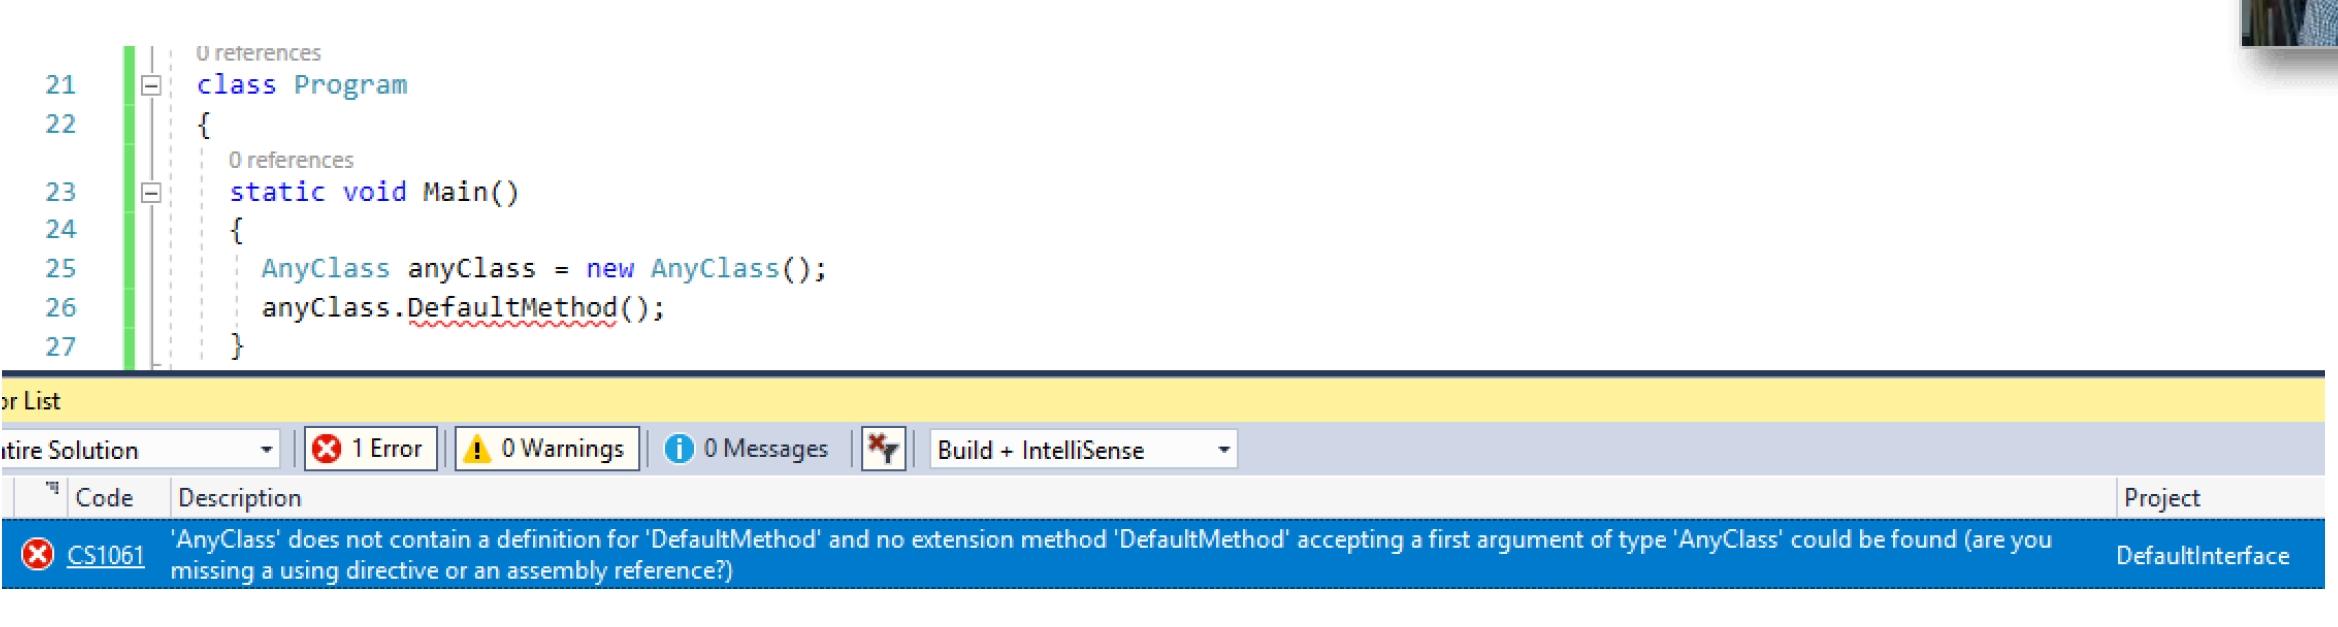 Default Interface Methods in C# 8